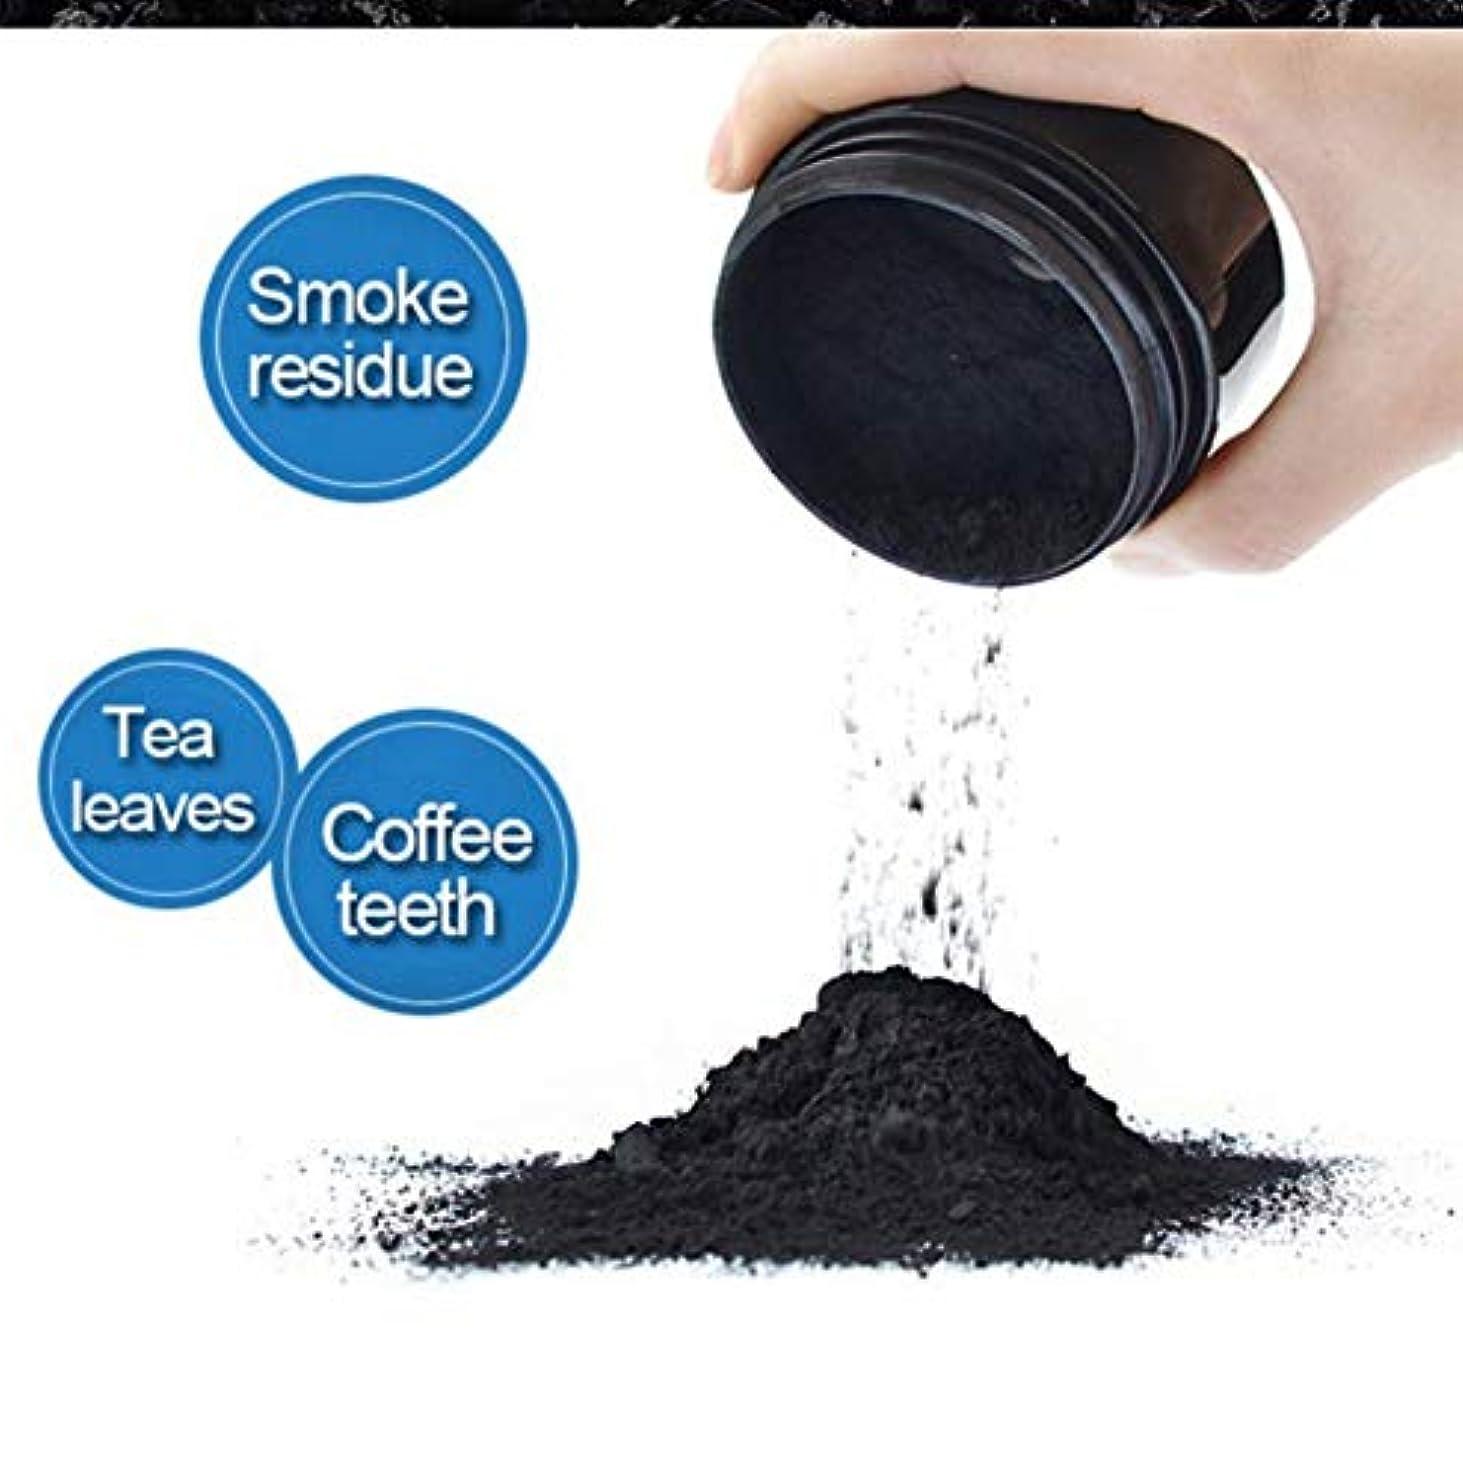 麦芽受け入れる口径Daily Use Teeth Whitening Scaling Powder Oral Hygiene Cleaning Packing Premium Activated Bamboo Charcoal Powder...